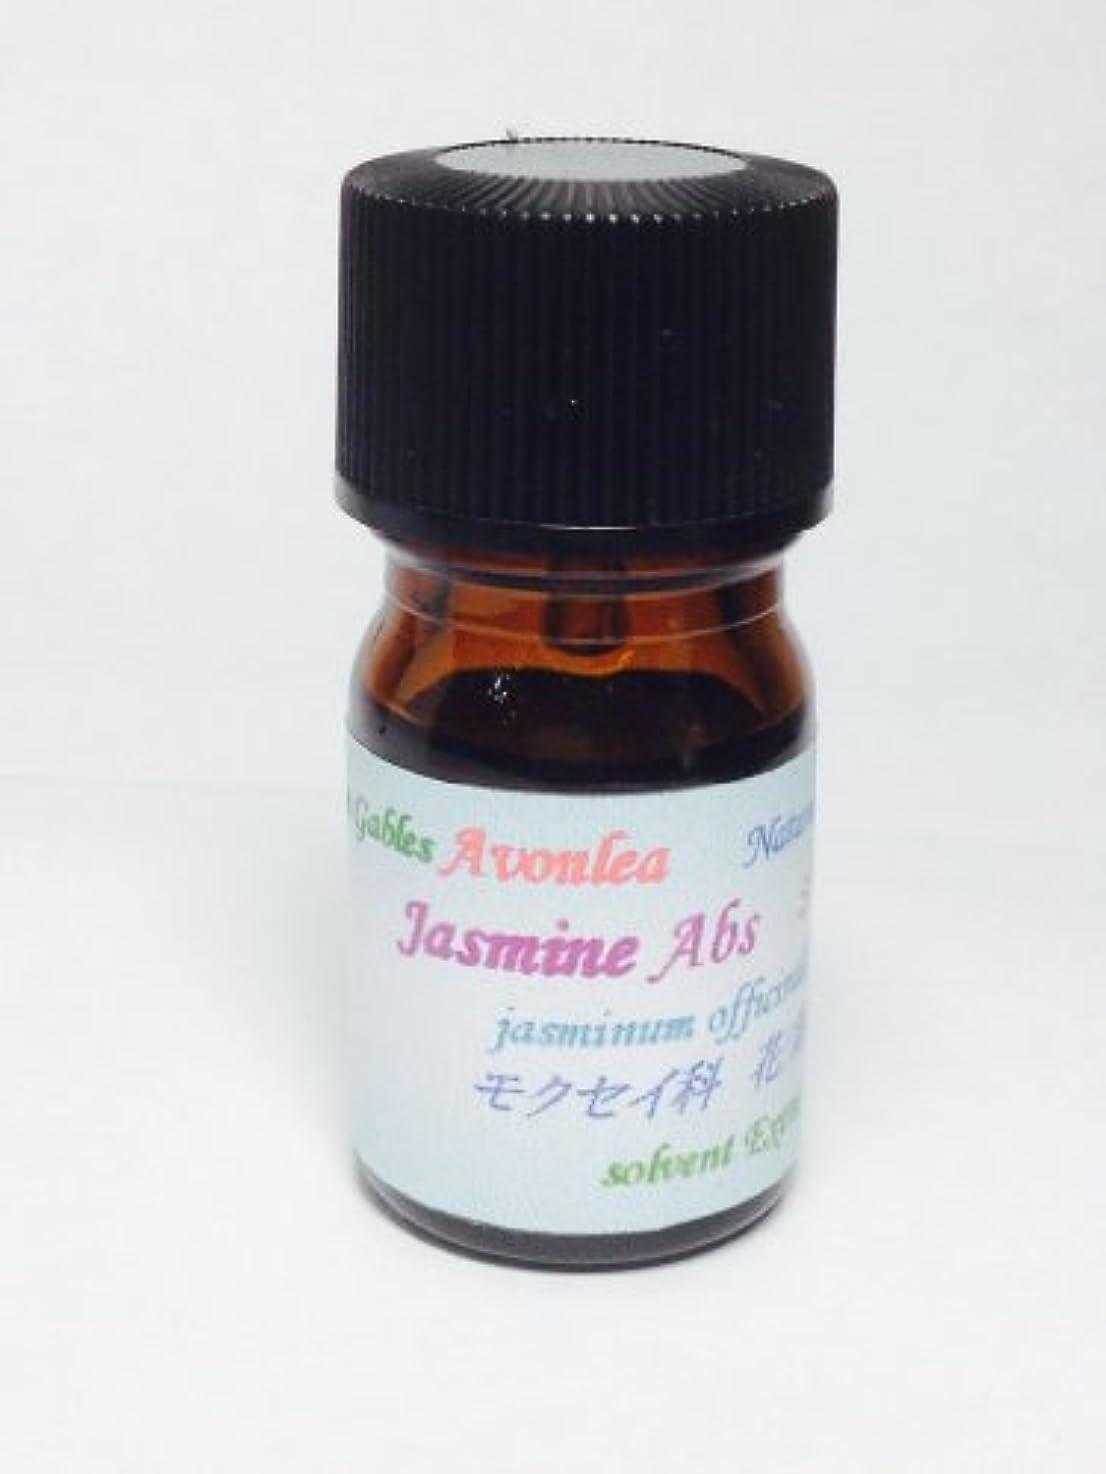 種をまく愛情深いミリメートルジャスミン Abs 100% ピュア エッセンシャルオイル 花の精油 10ml